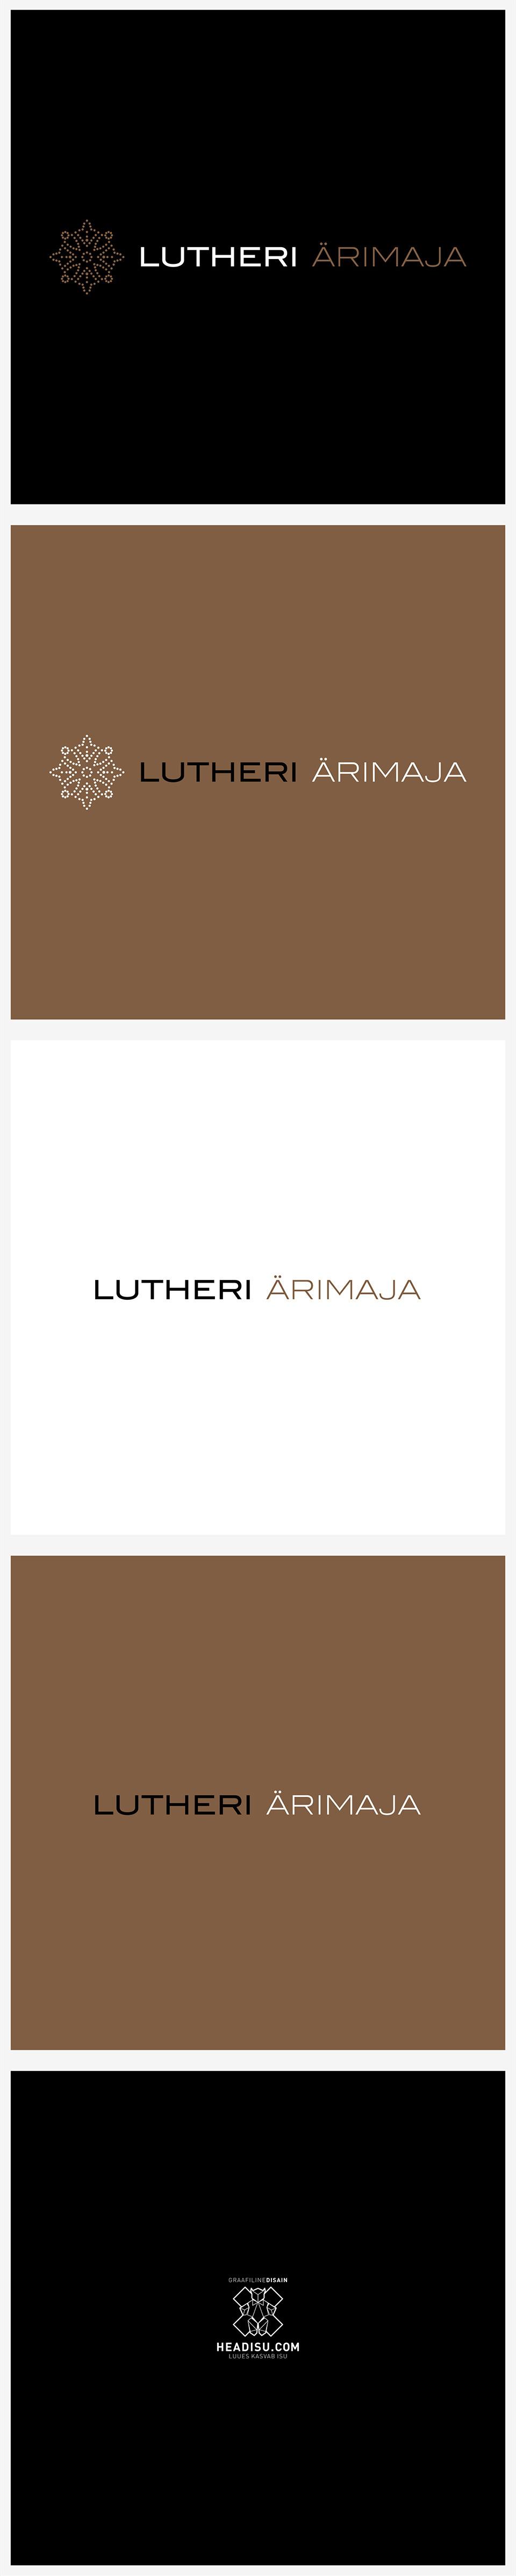 lutheriarimaja-logo-3